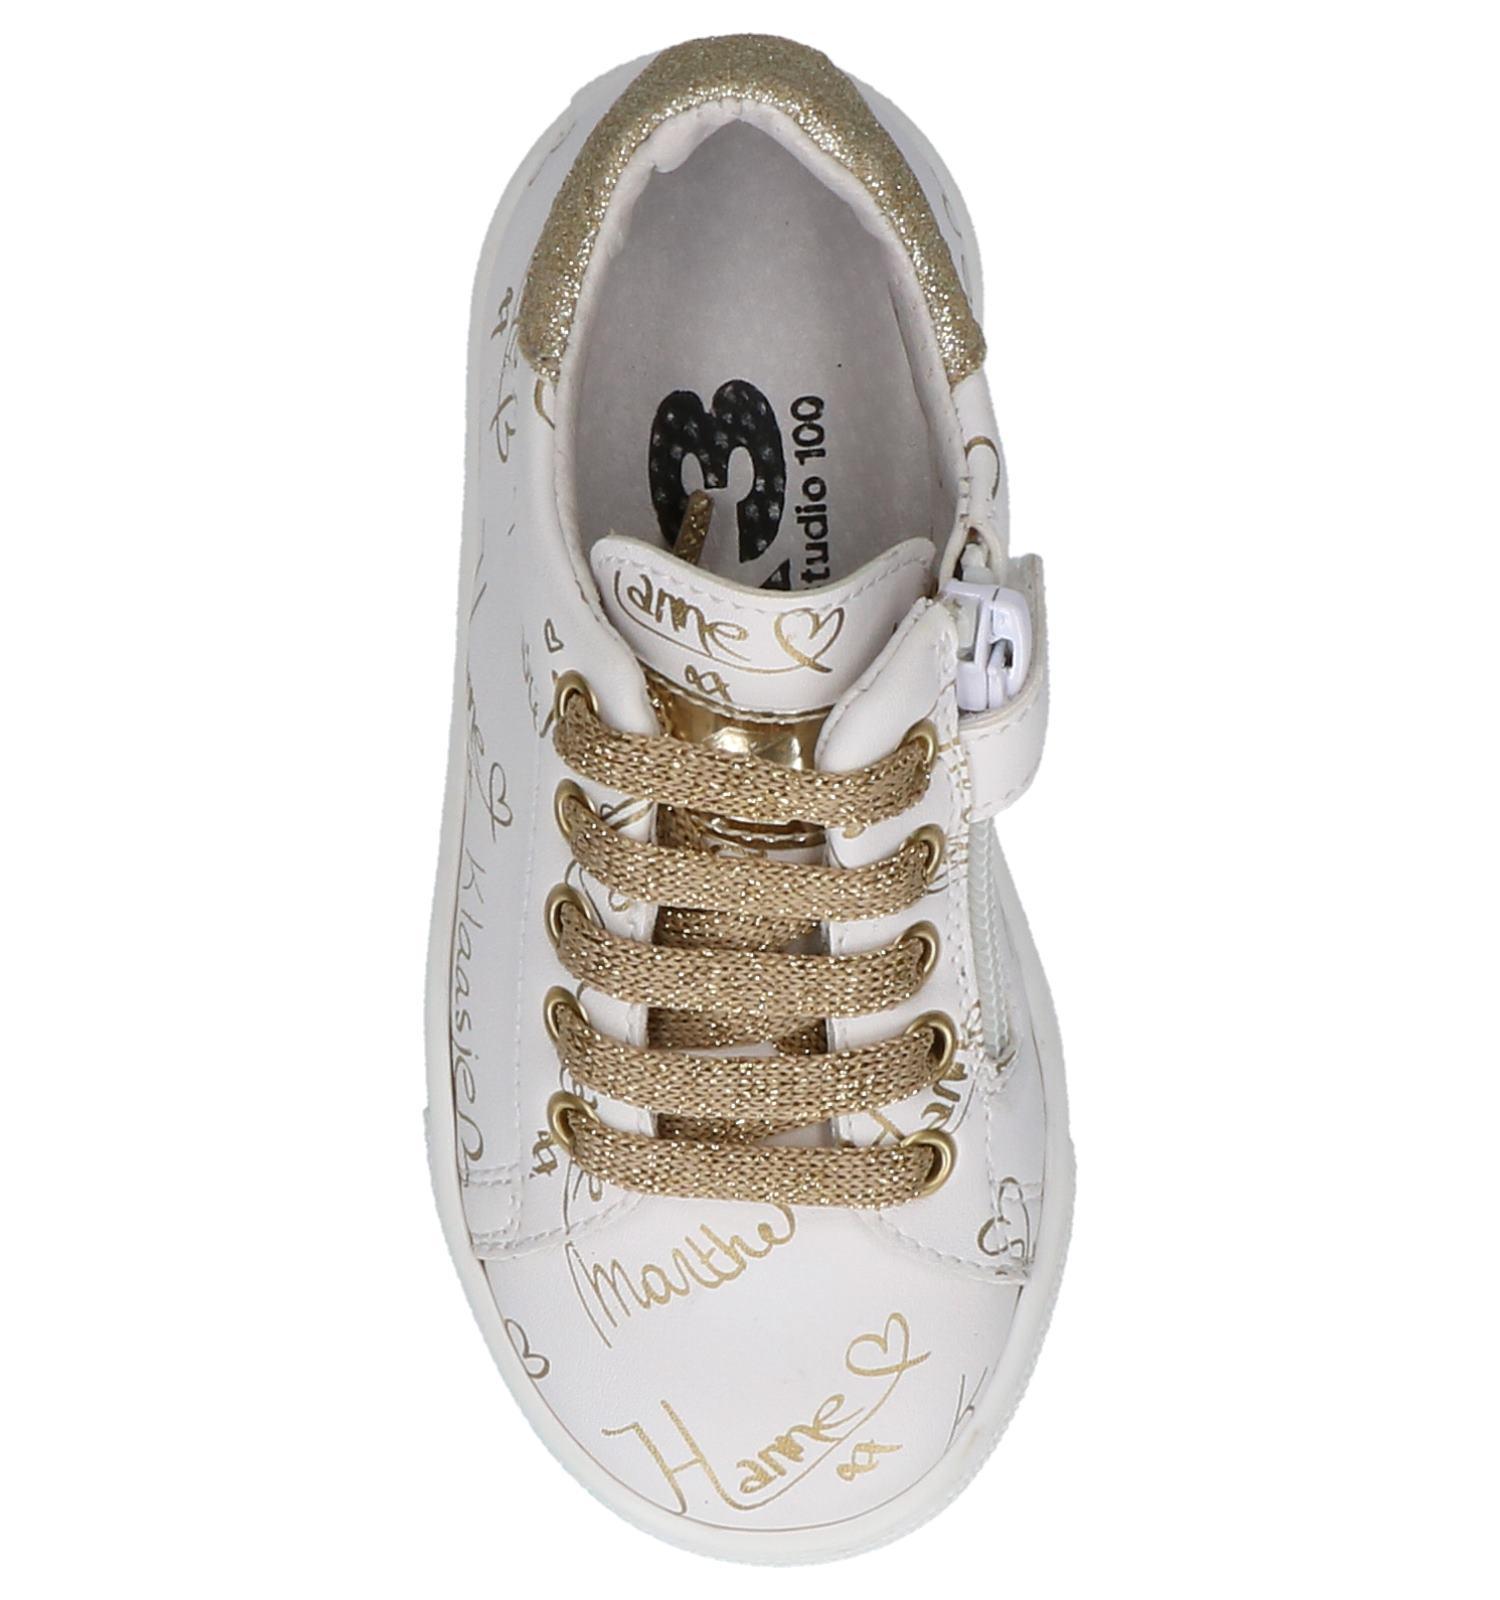 f0a3fdbdb59 Witte Sneakers K3 met Gouden Handtekeningen   TORFS.BE   Gratis verzend en  retour